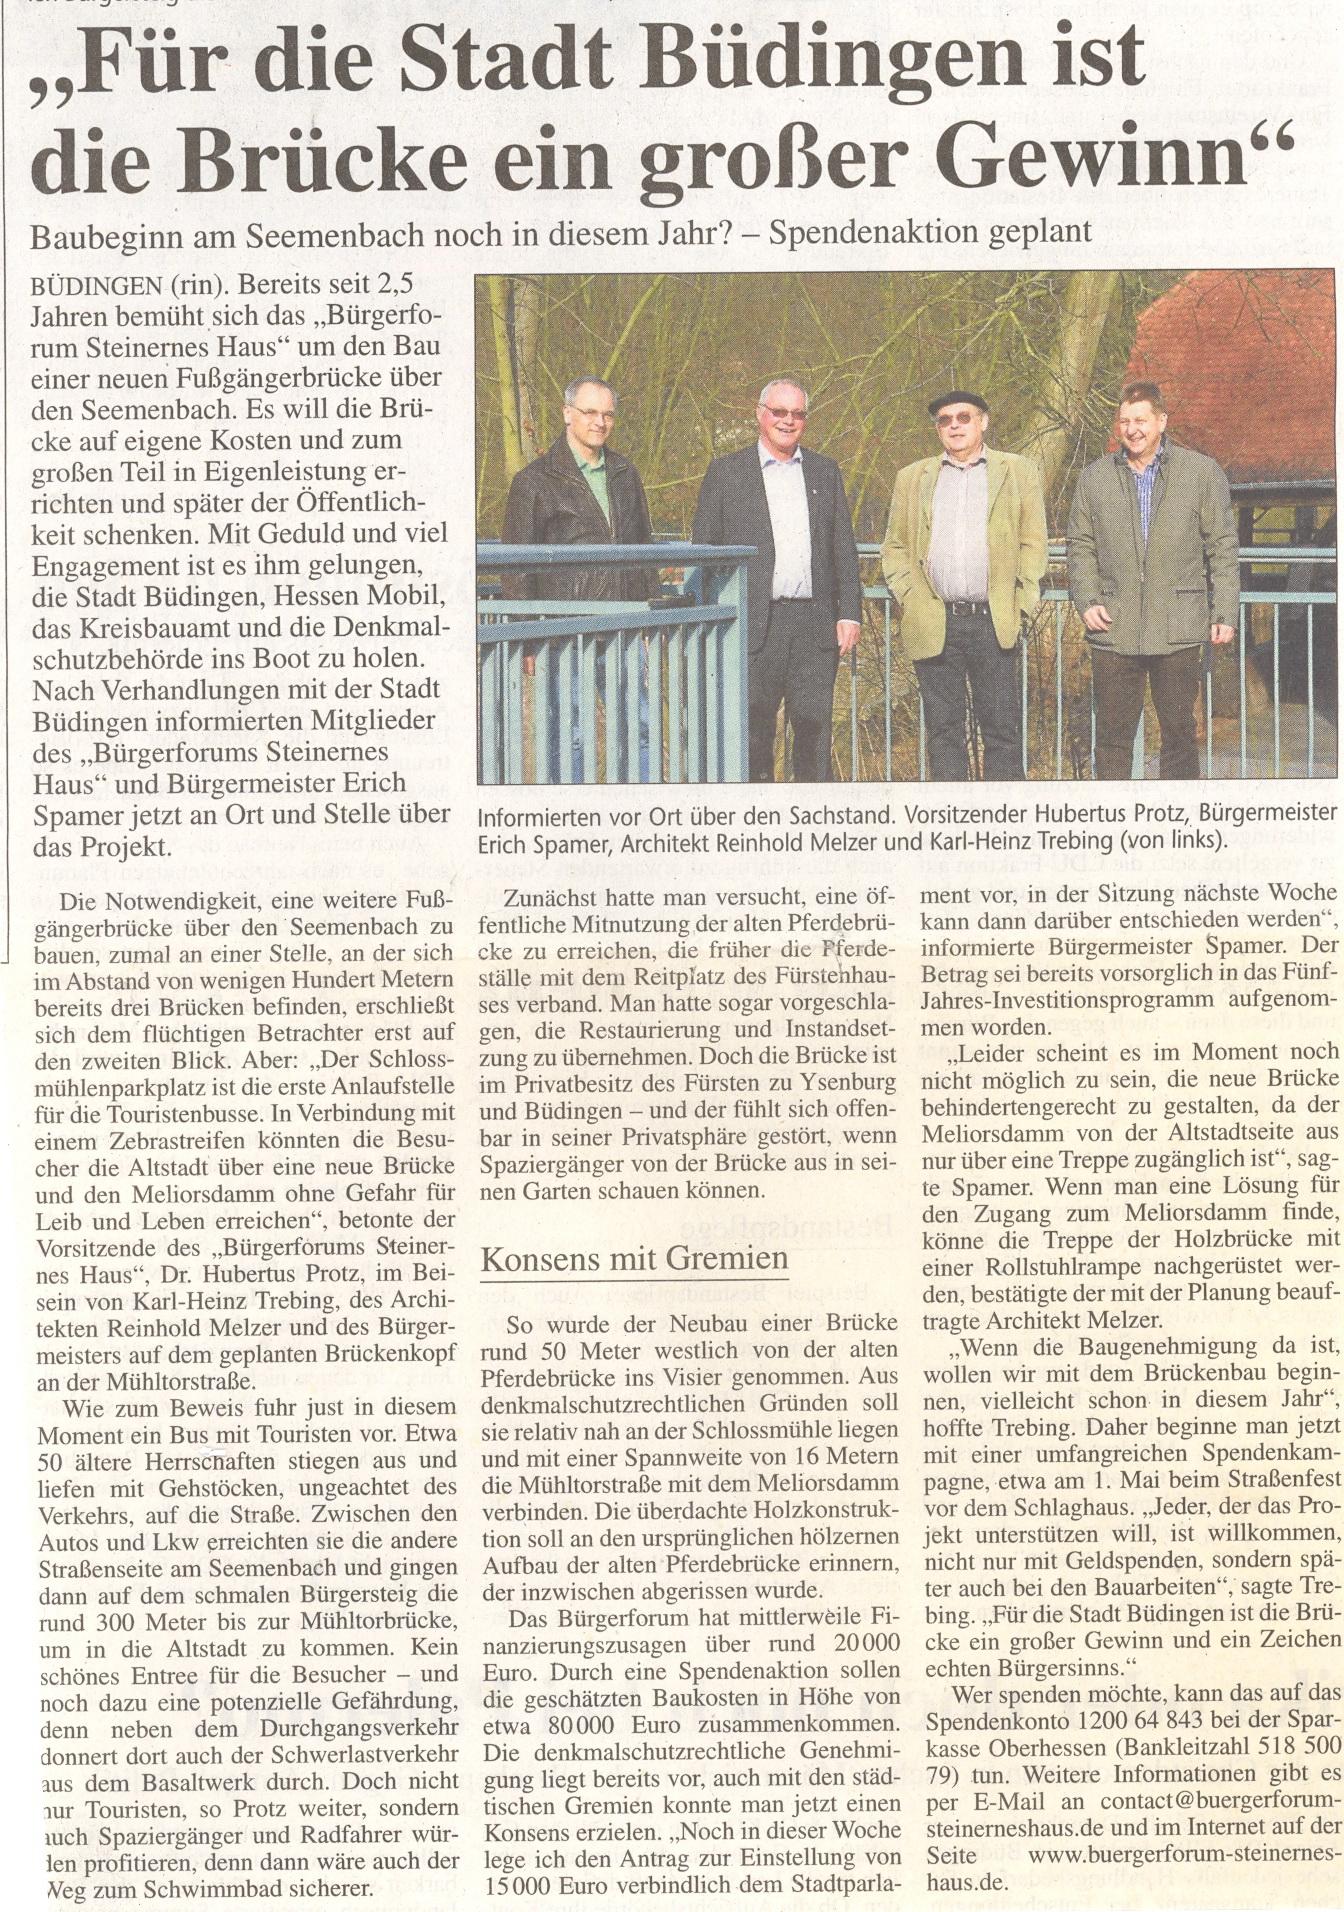 Kreis-Anzeiger vom 8. März 2013